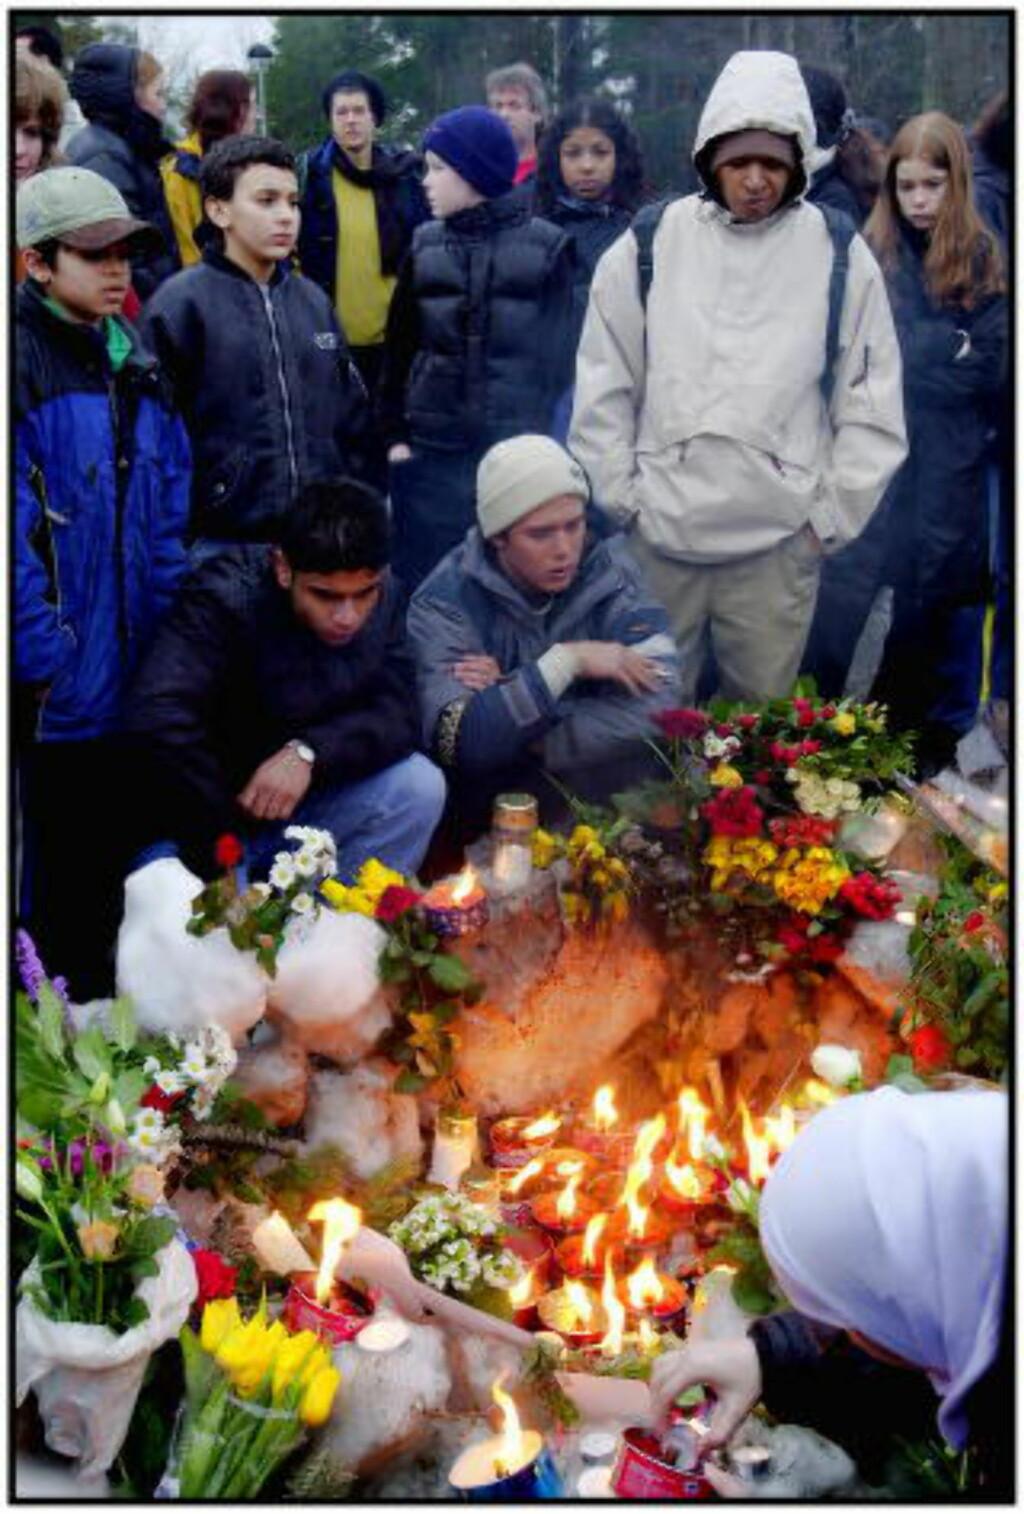 SJOKKET:  Det aller verste sjedde da  Benjamin Hermansen (15) ble stukket ned og drept av nynazister på Holmlia 26. januar 2001. Venner og naboer av Benjamin samlet seg på åstedet og tente lys.